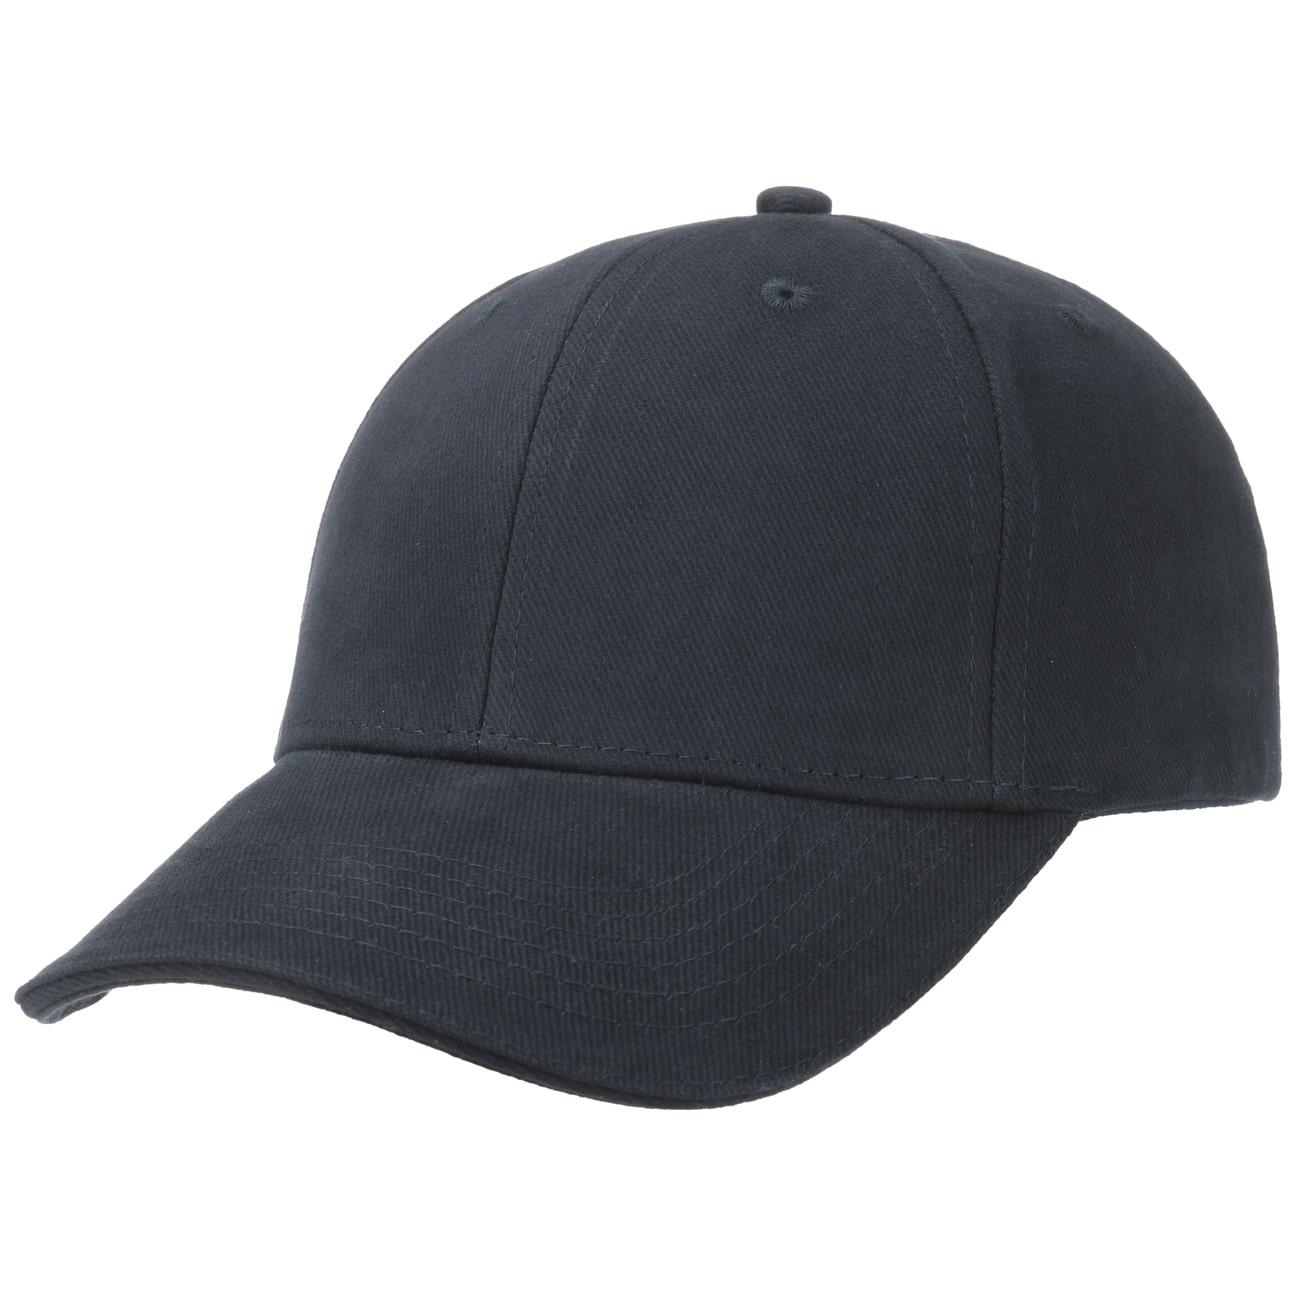 Liberty Baseball Cap - beige 1 · Liberty Baseball Cap - blue 1 ... b0b39b44dac